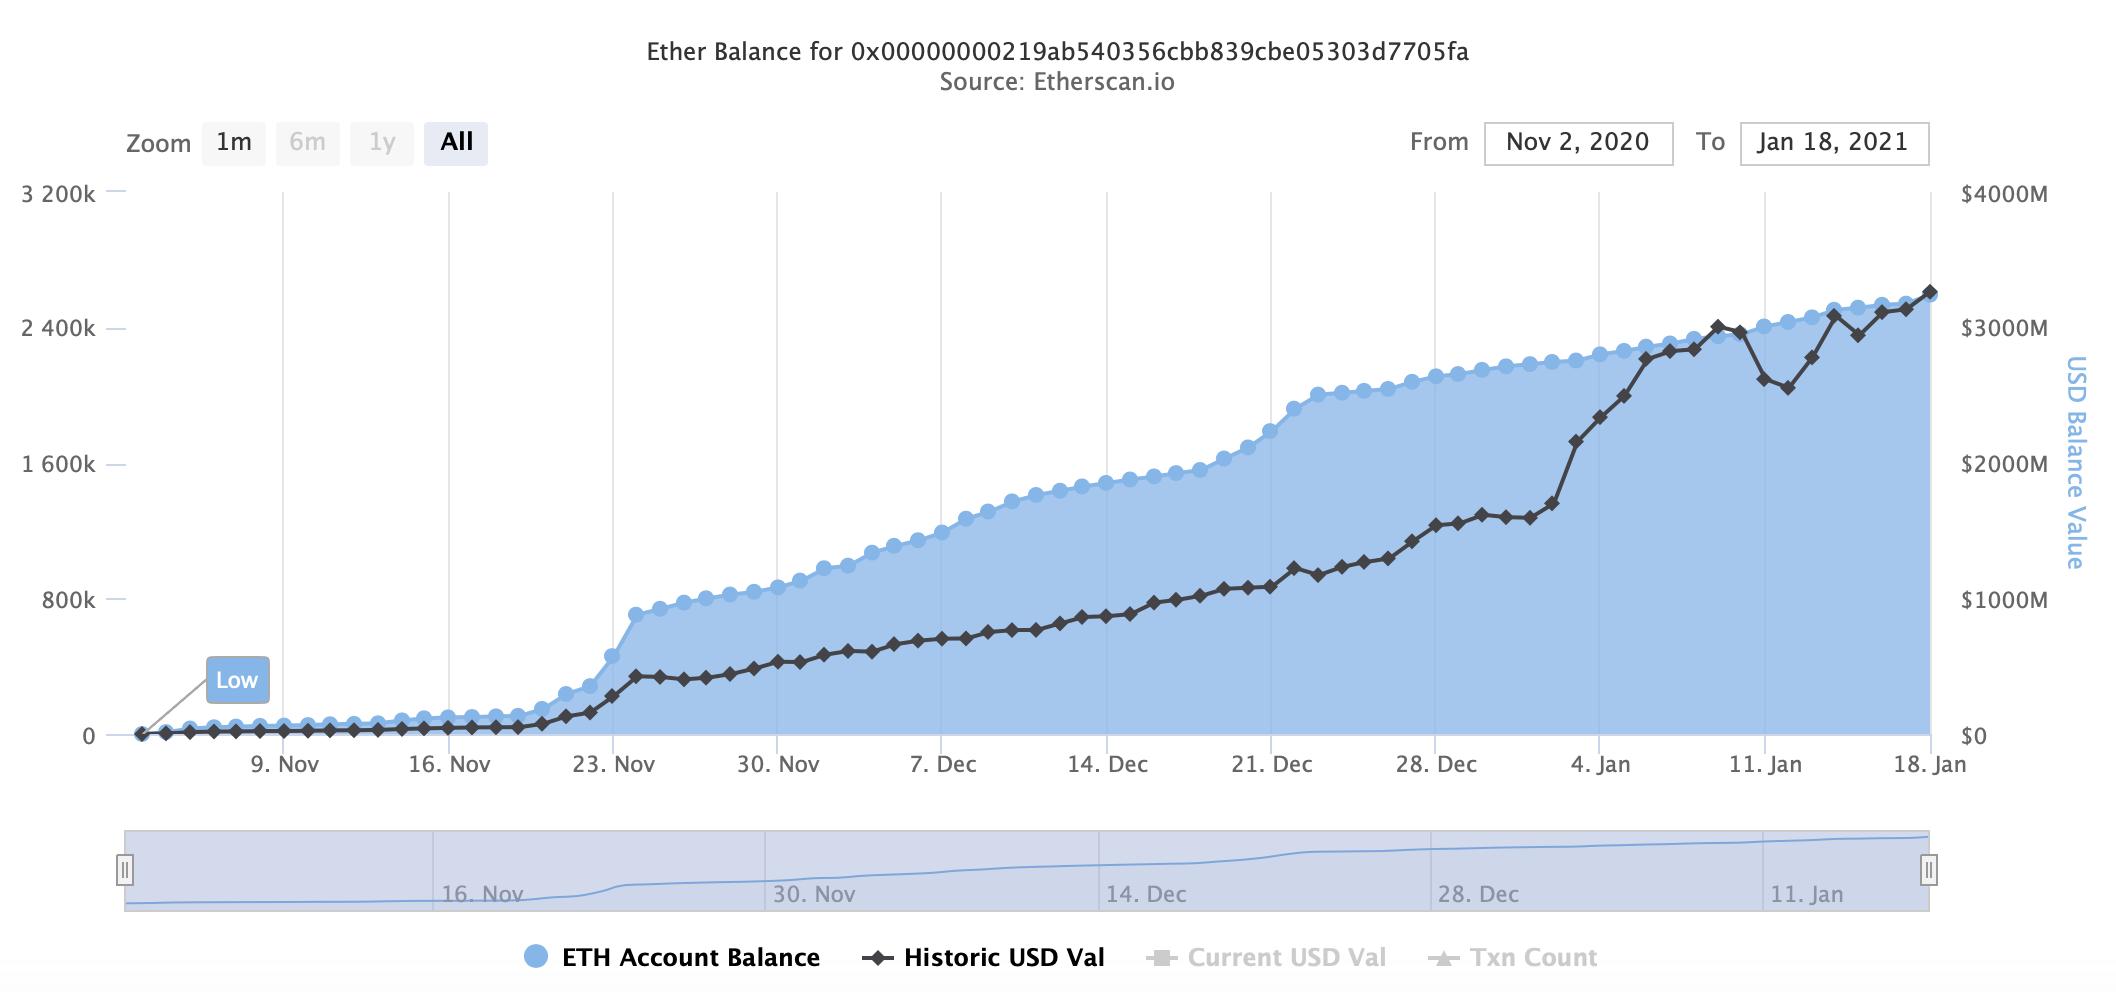 Statistiche sul contratto di deposito di Eth 2.0